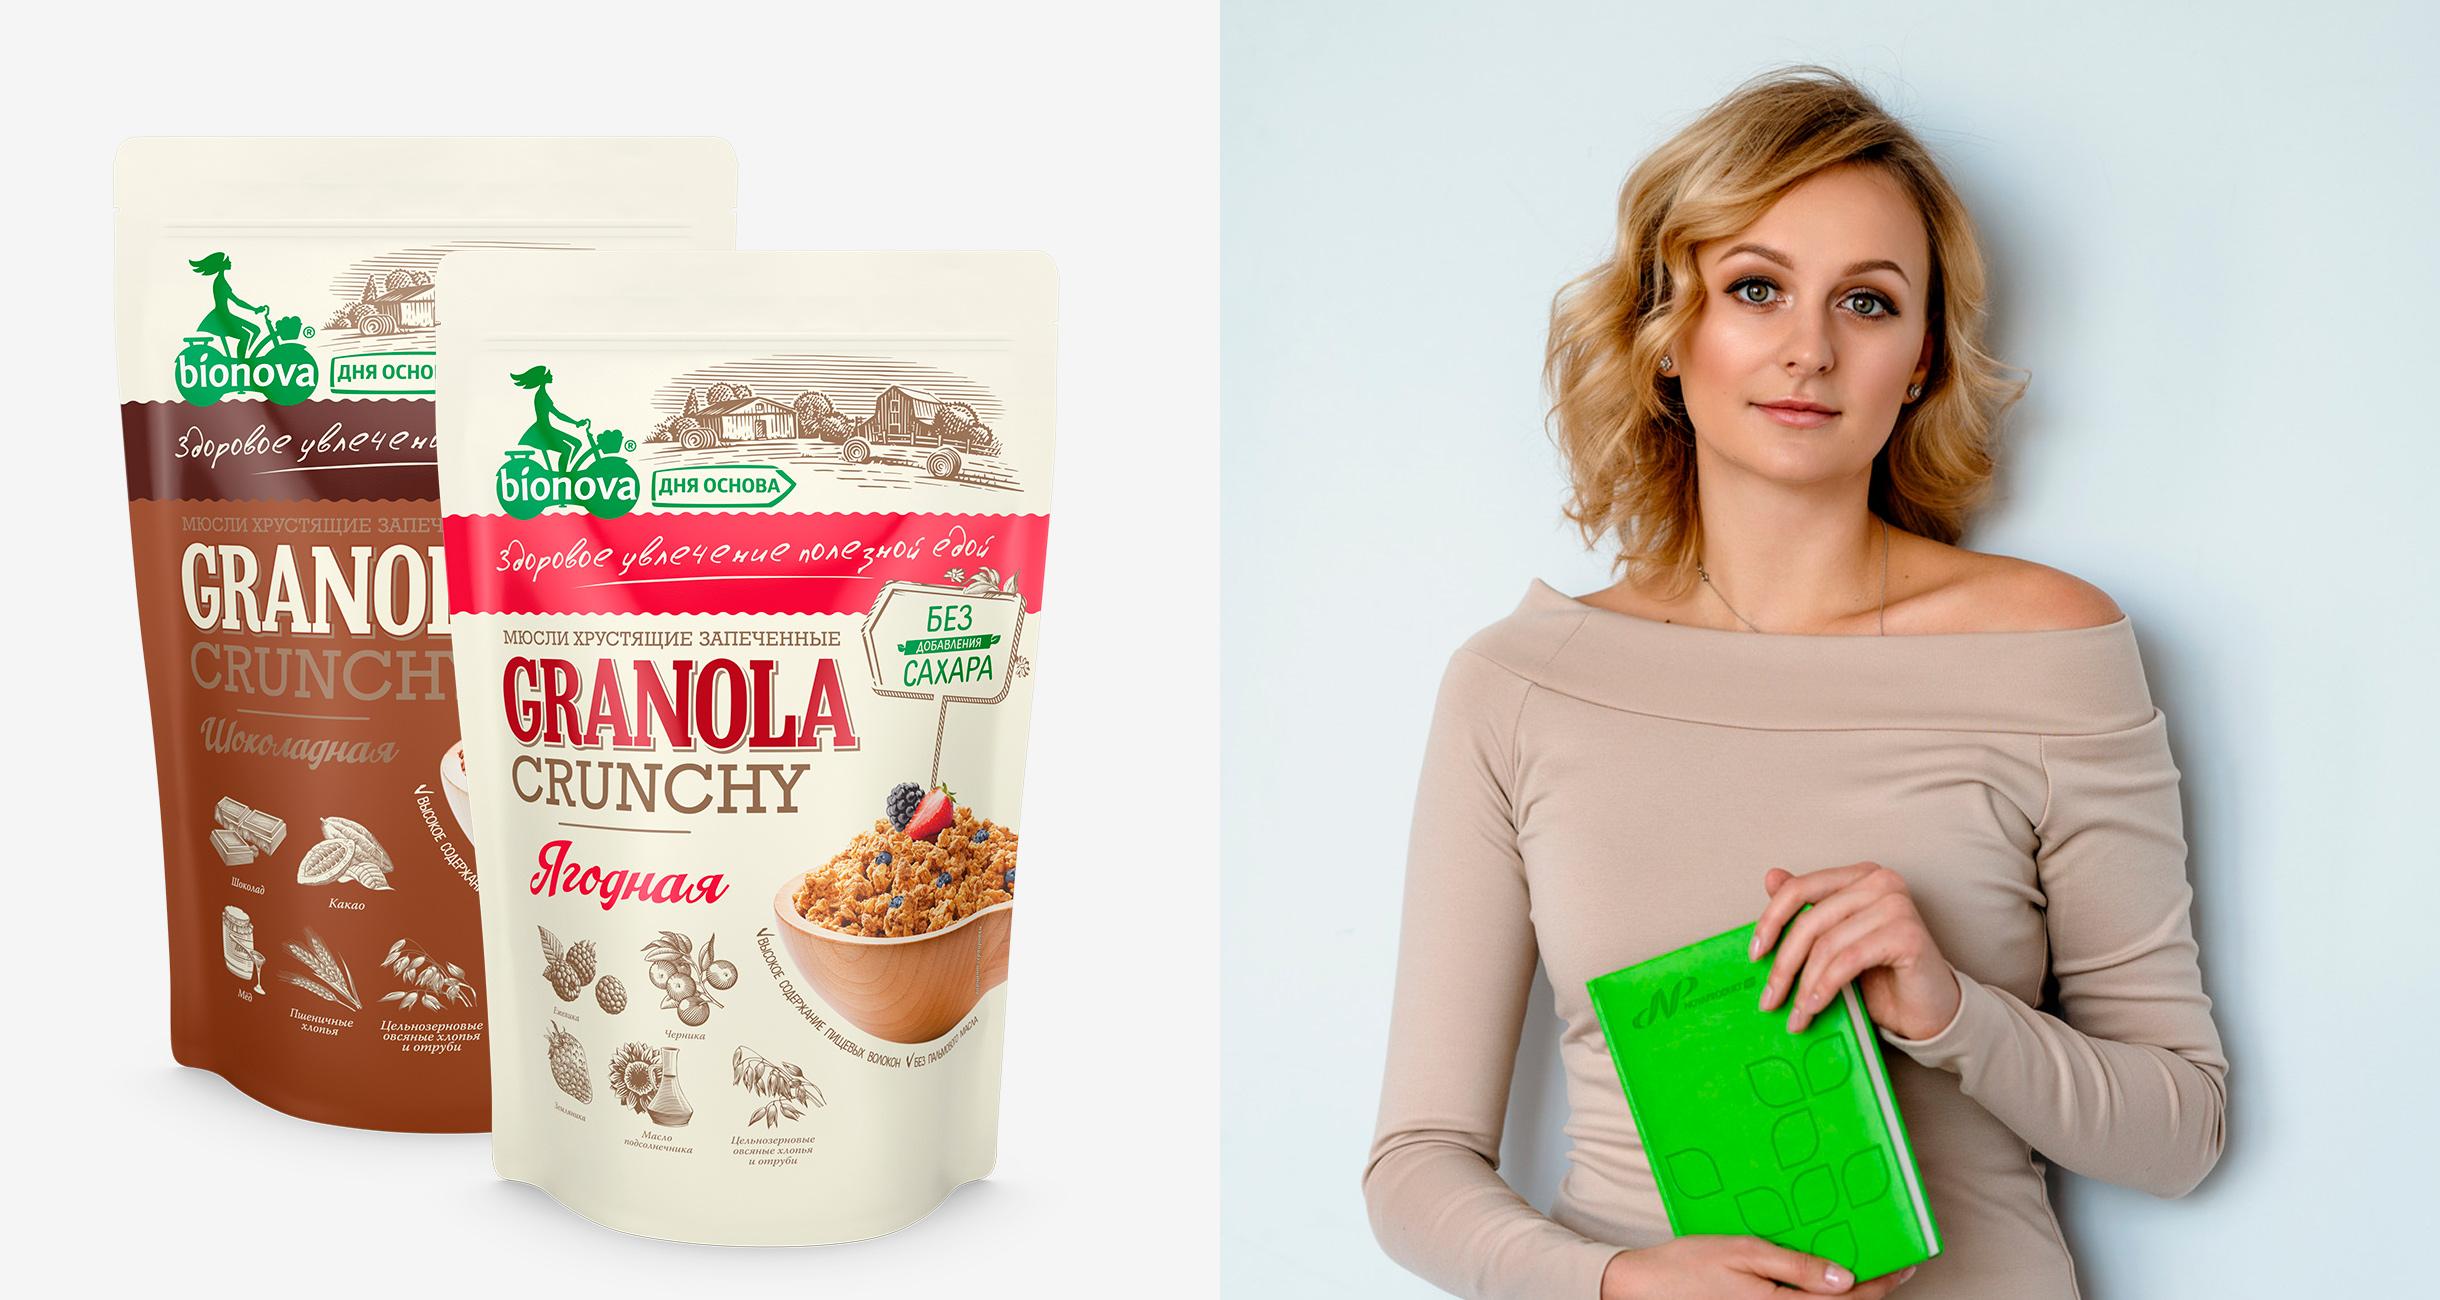 Бизнес: производство продуктов здорового питания